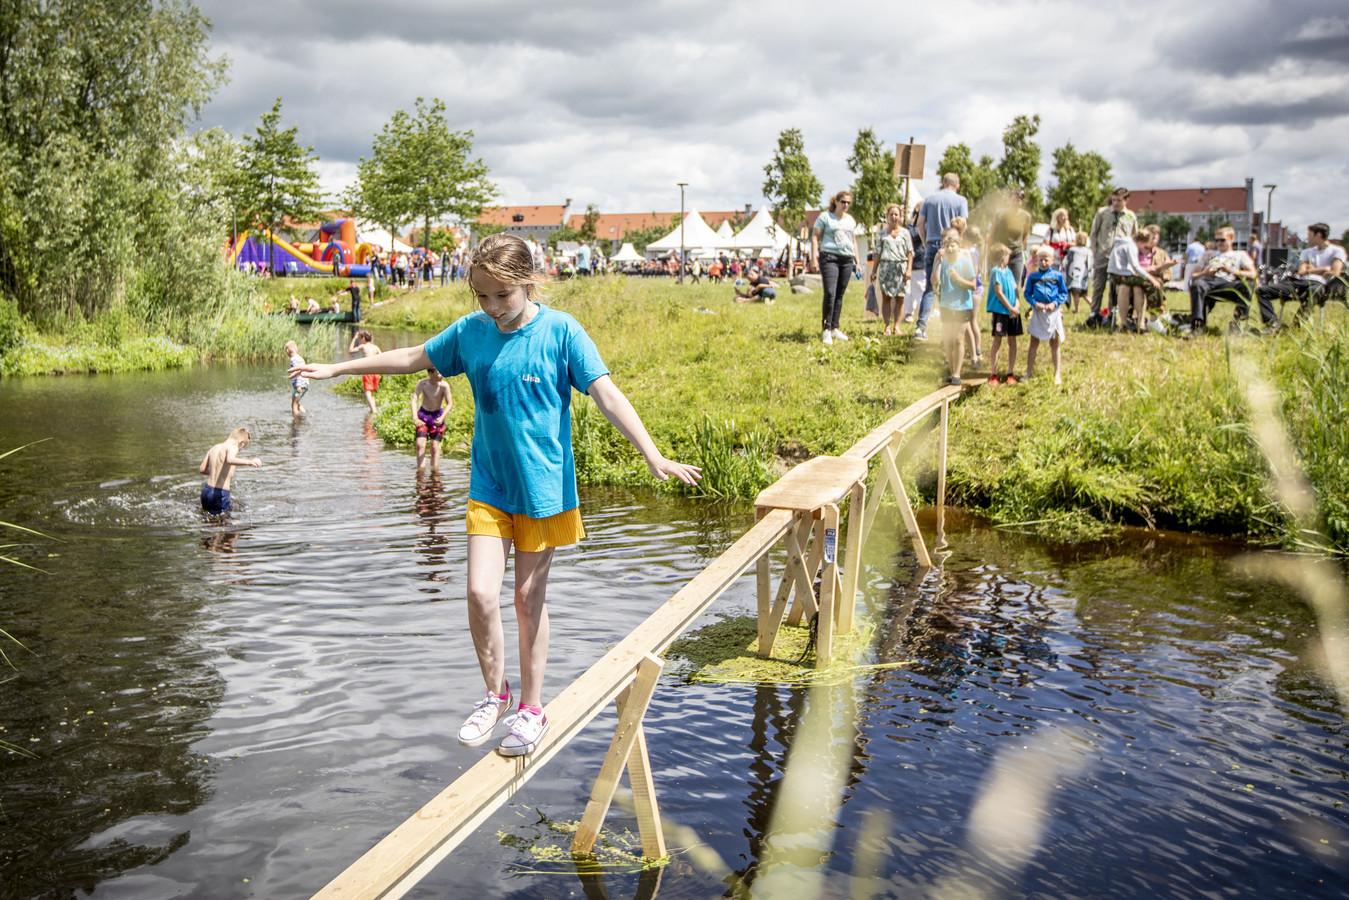 Het  Beekparkfestival in Borne bleek in 2019 een bron van een uitbraak van waarschijnlijk het norovirus.